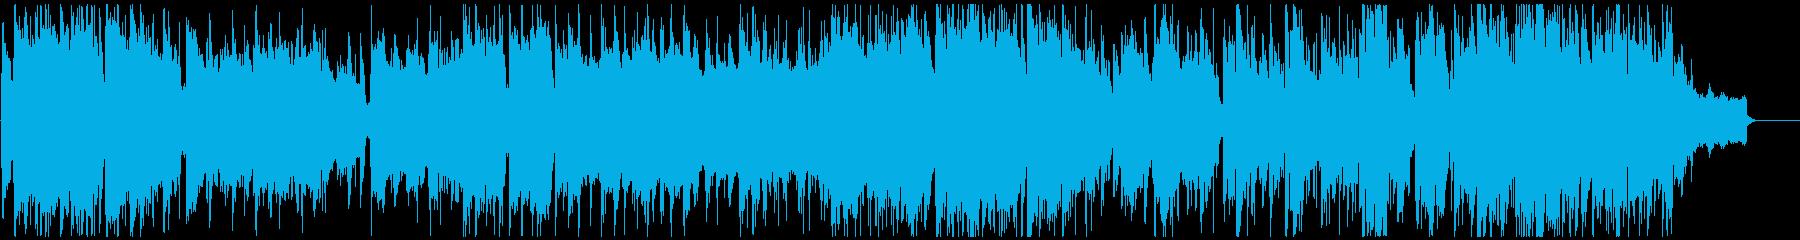 クールゆっくりモダンジャズ サックス生録の再生済みの波形